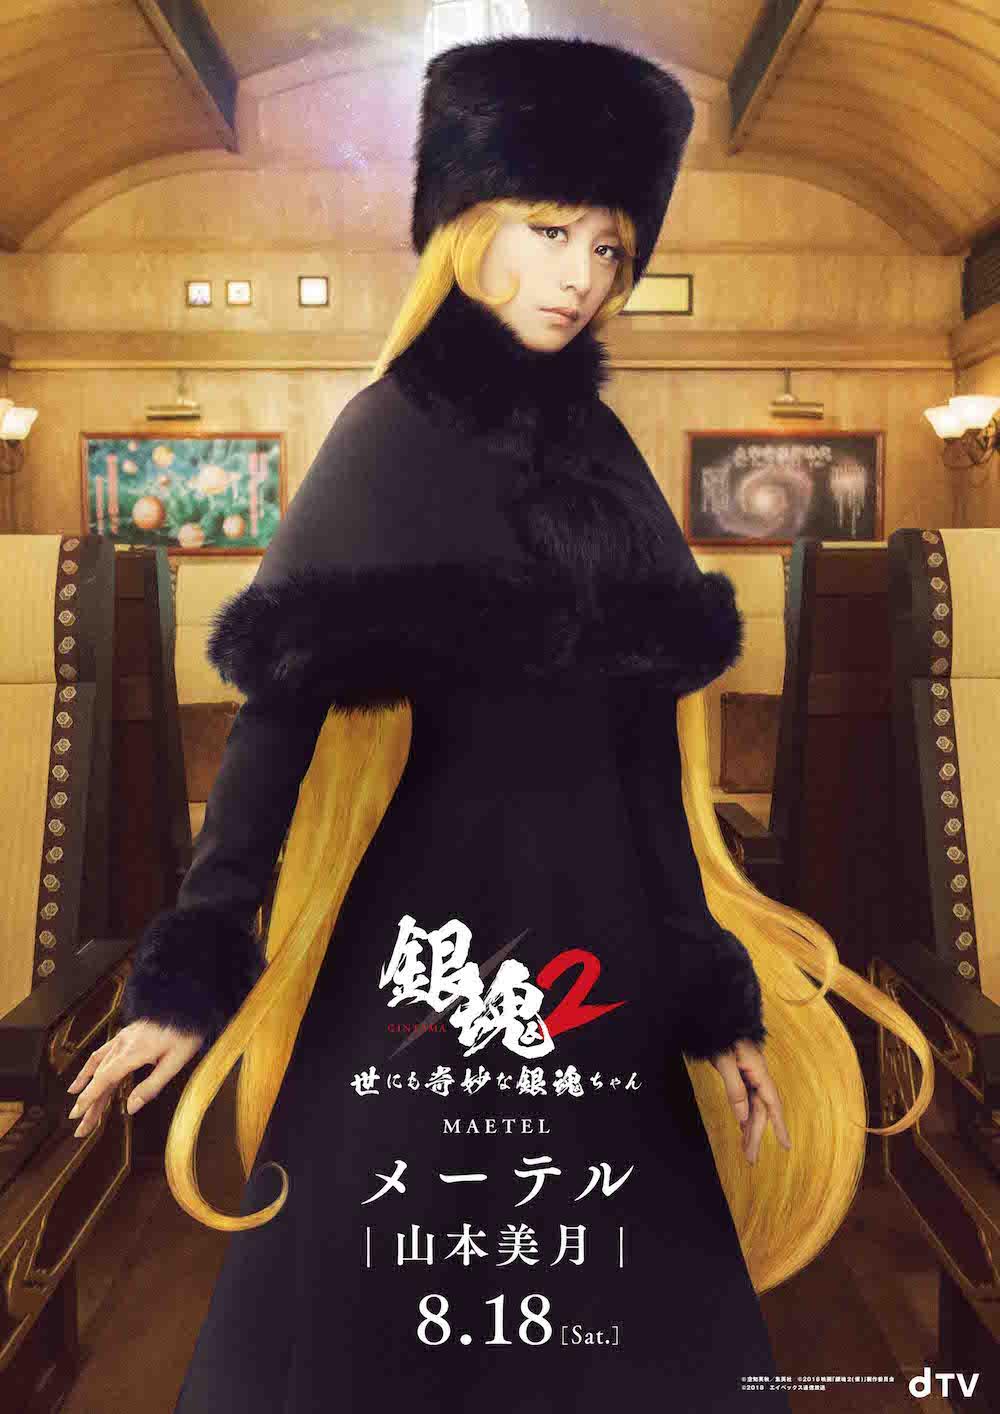 山本美月さん、メーテル姿を披露!ドラマ「銀魂2 -世にも奇妙な銀魂ちゃん-」